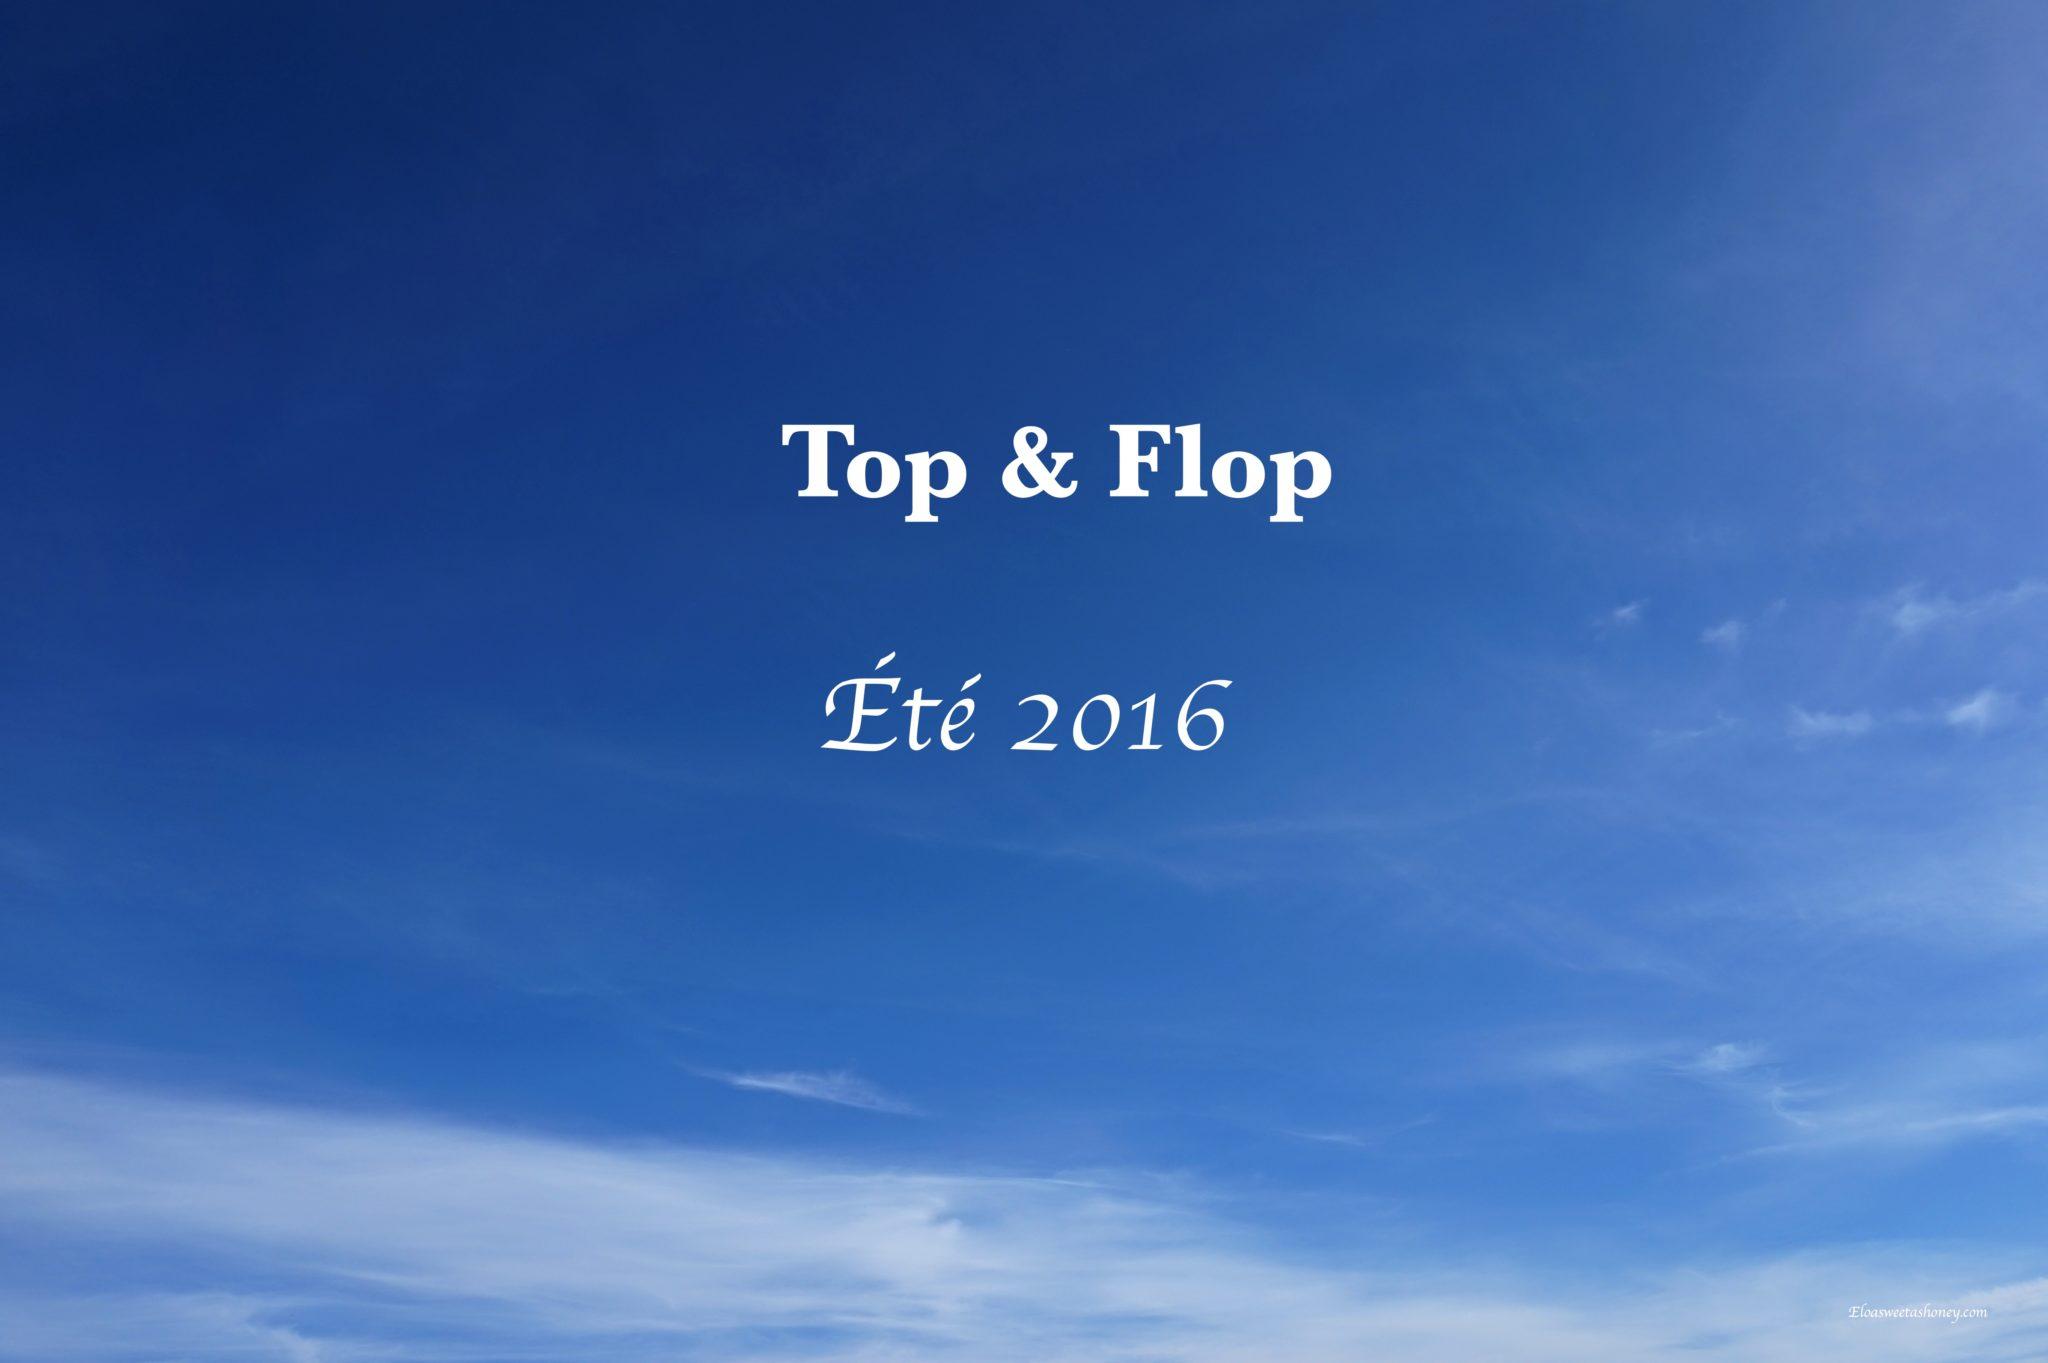 Top & Flop – Juillet 2016